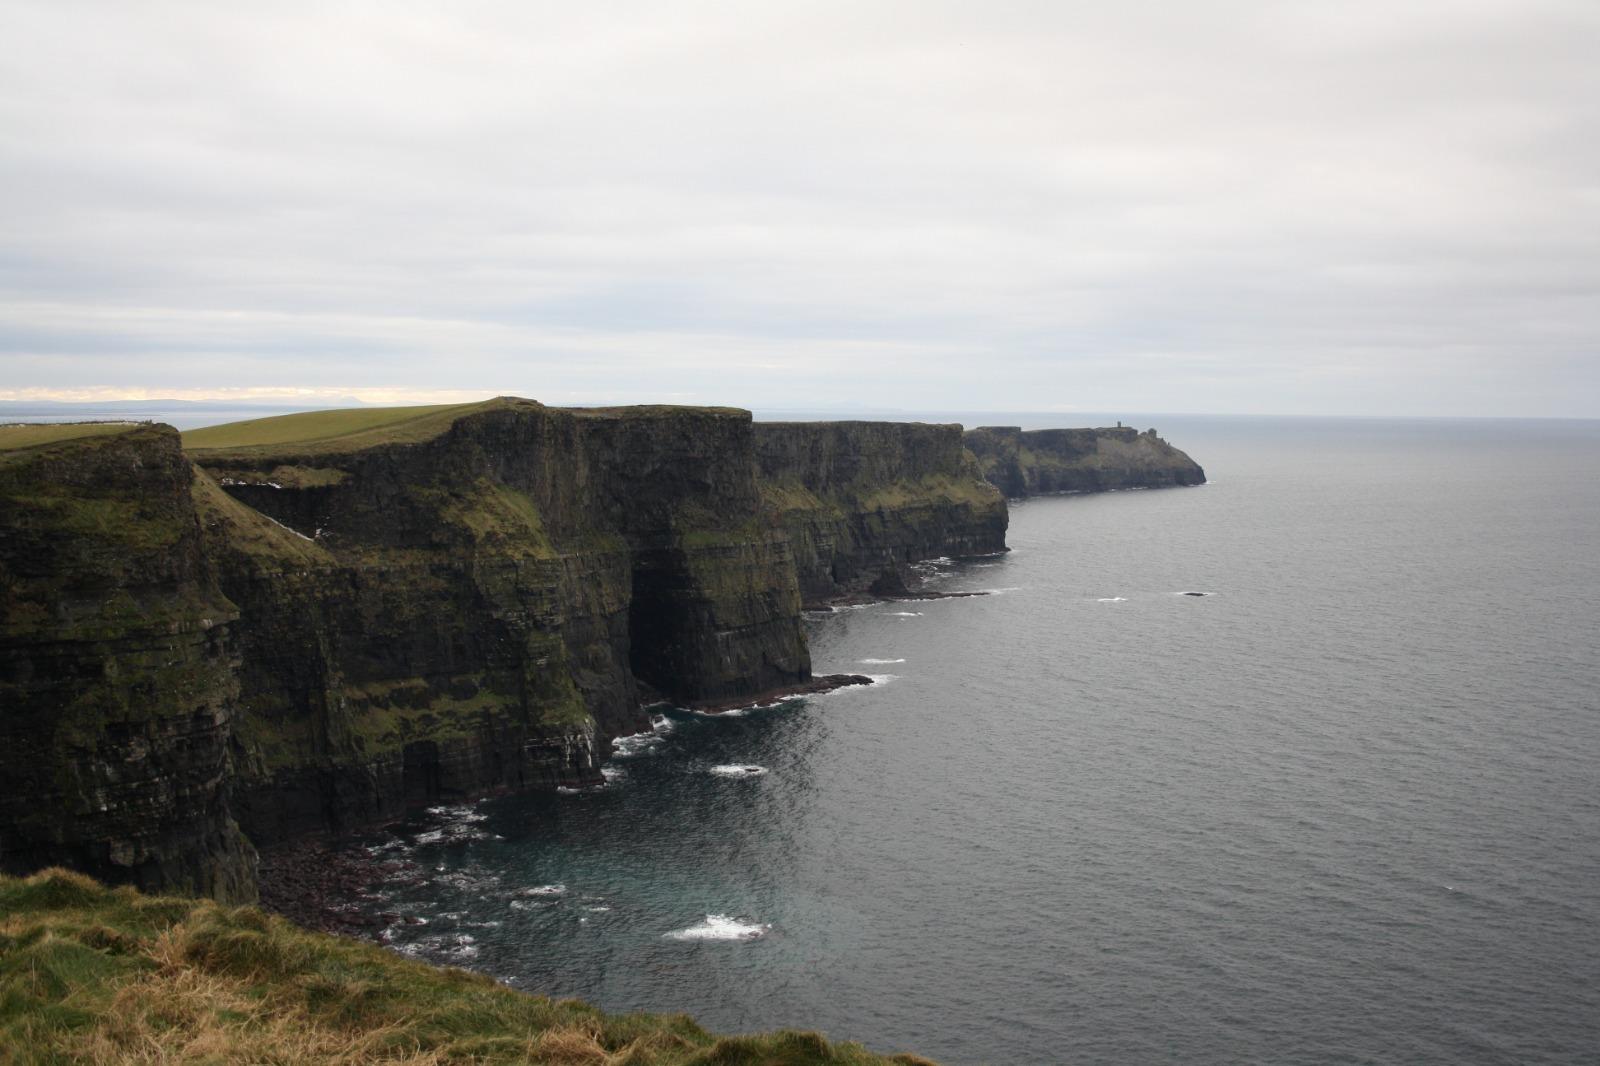 irlanda20212-1614866219.jpg